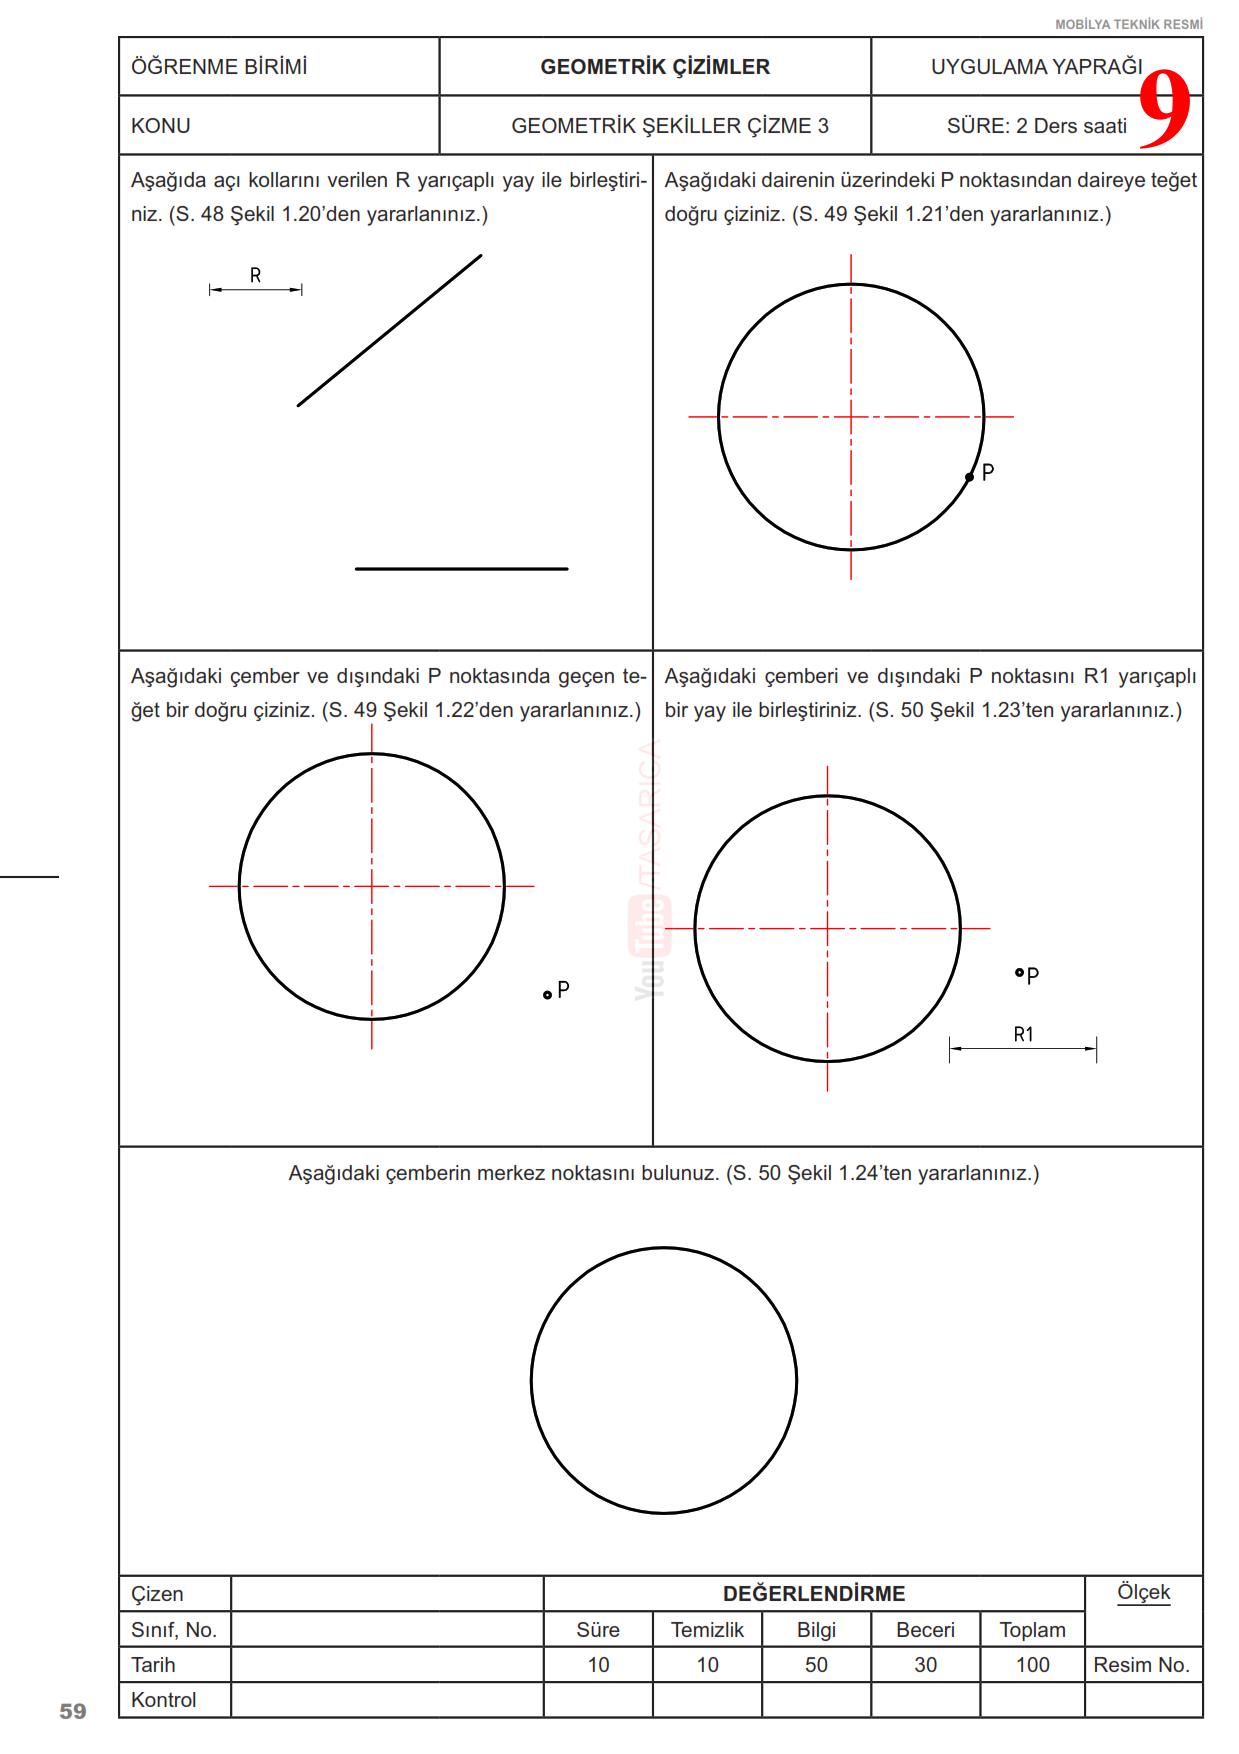 Teknik Resim Geometrik Çizimler Uygulama Yaprakları